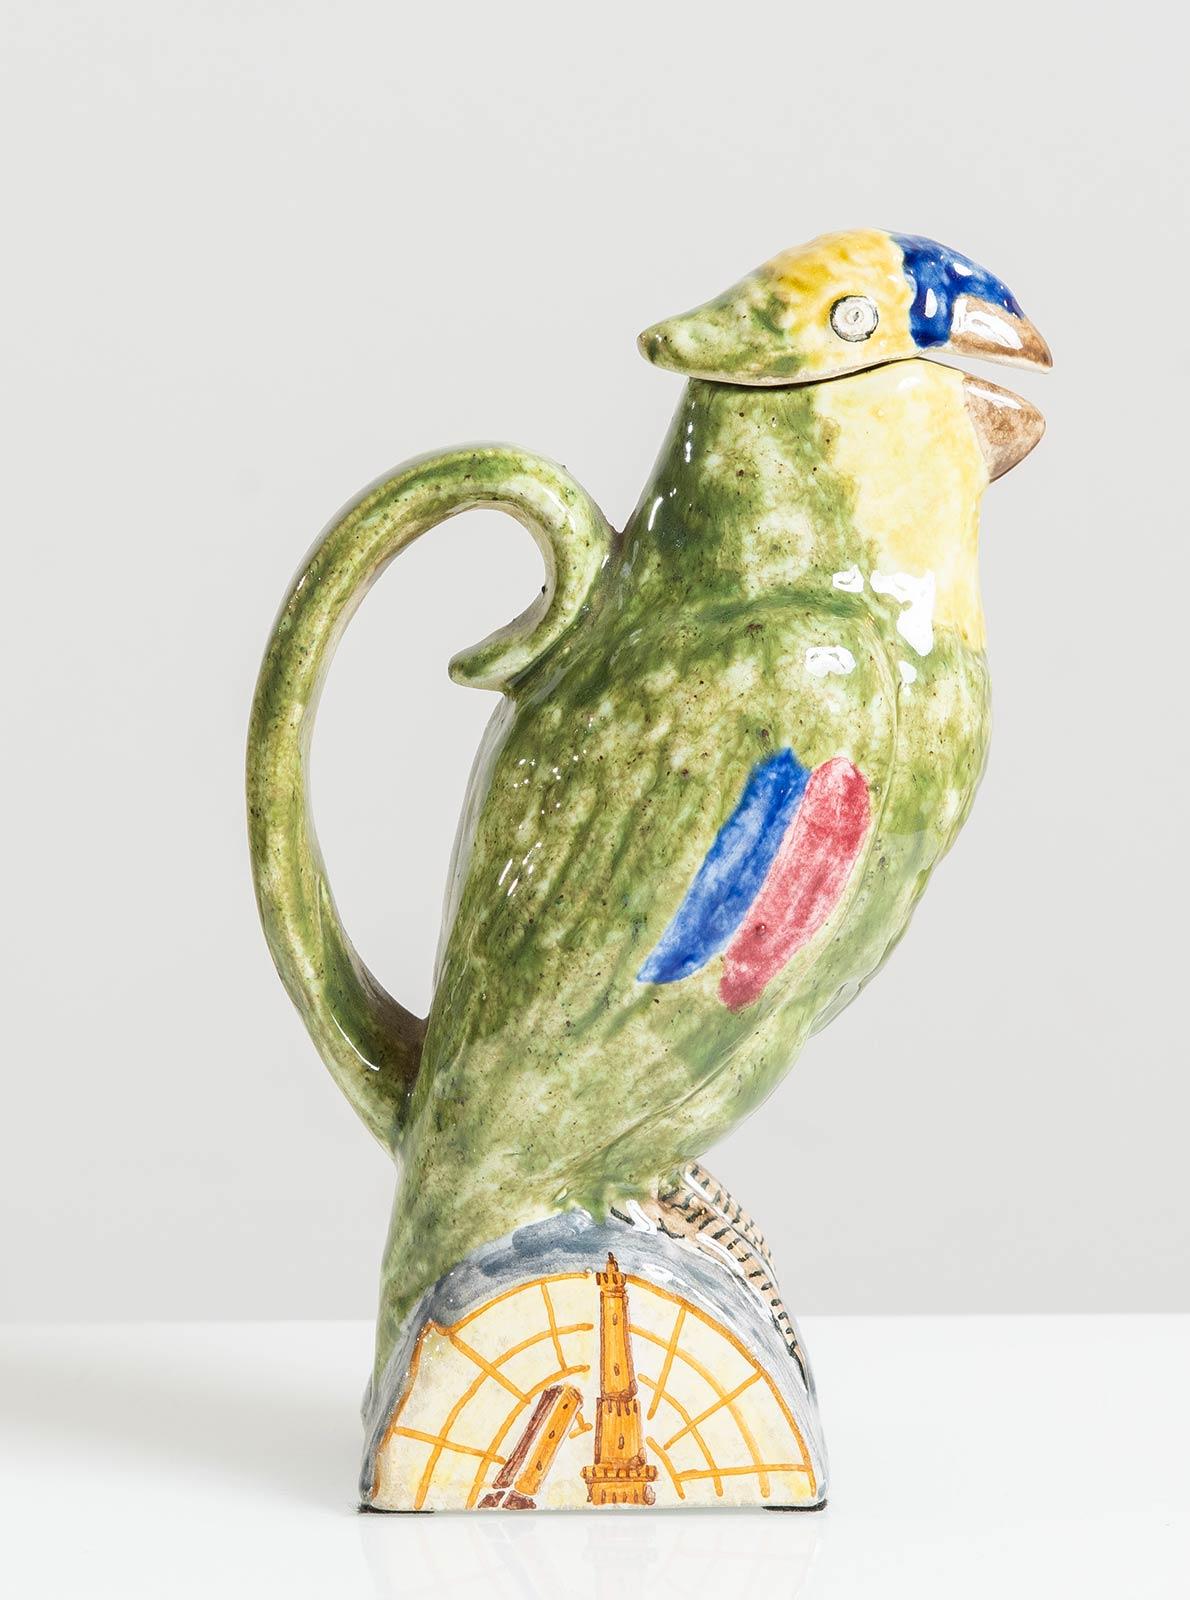 Manifattura Minghetti - Bologna, Versatoio a foggia di pappagallo in ceramica, Anni '30. - Image 5 of 5